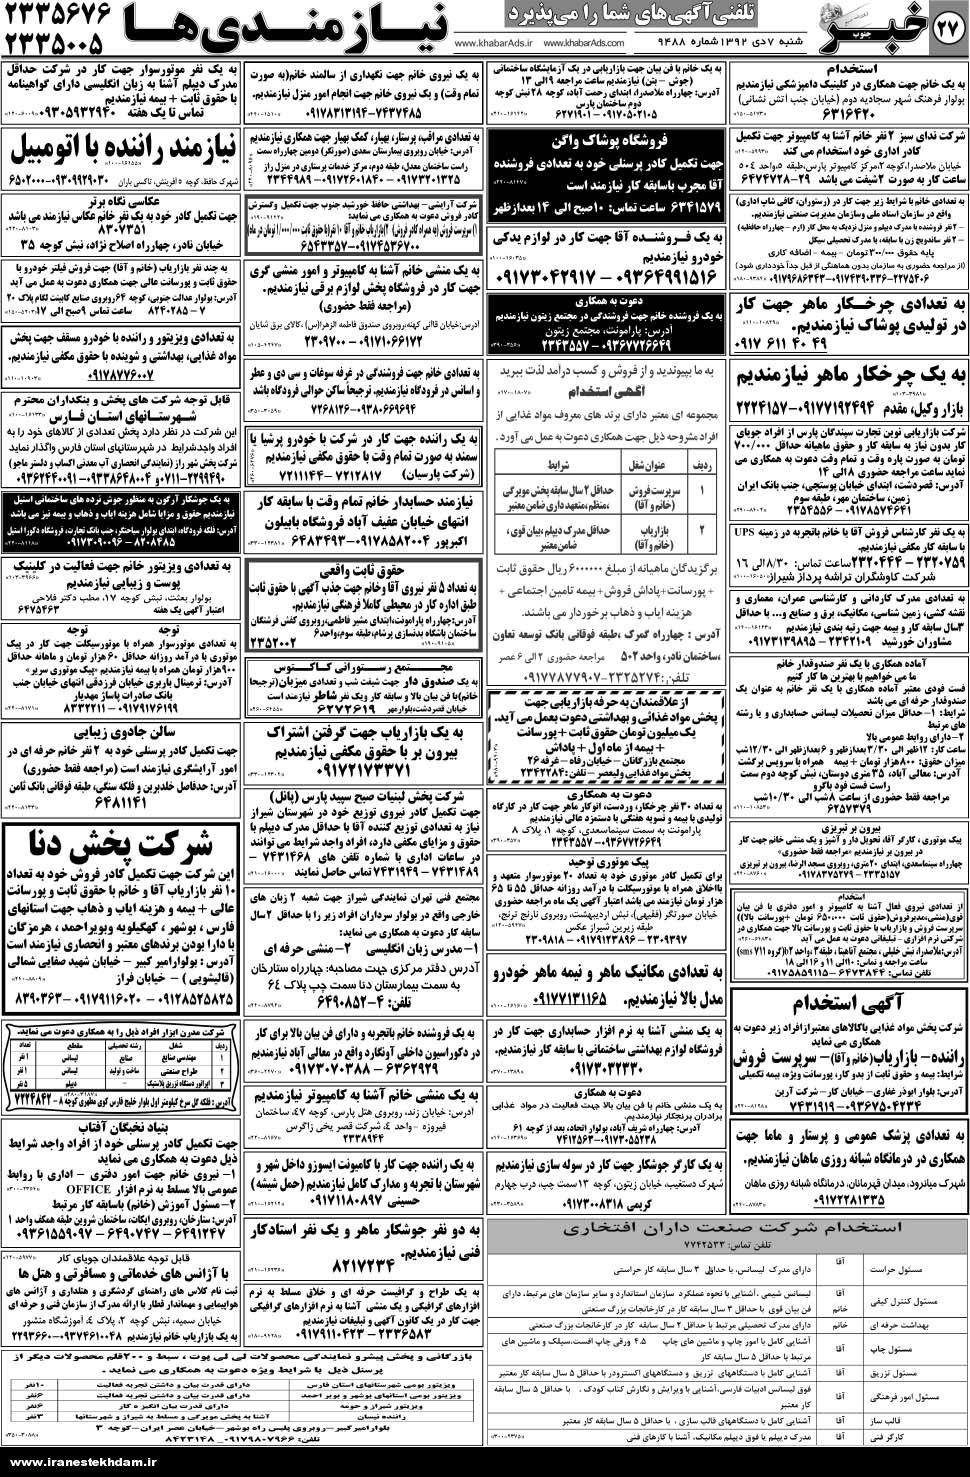 استخدام بازاریاب جهت کار در شهر شیراز استخدام حسابدار در استان فارس - تاکوما